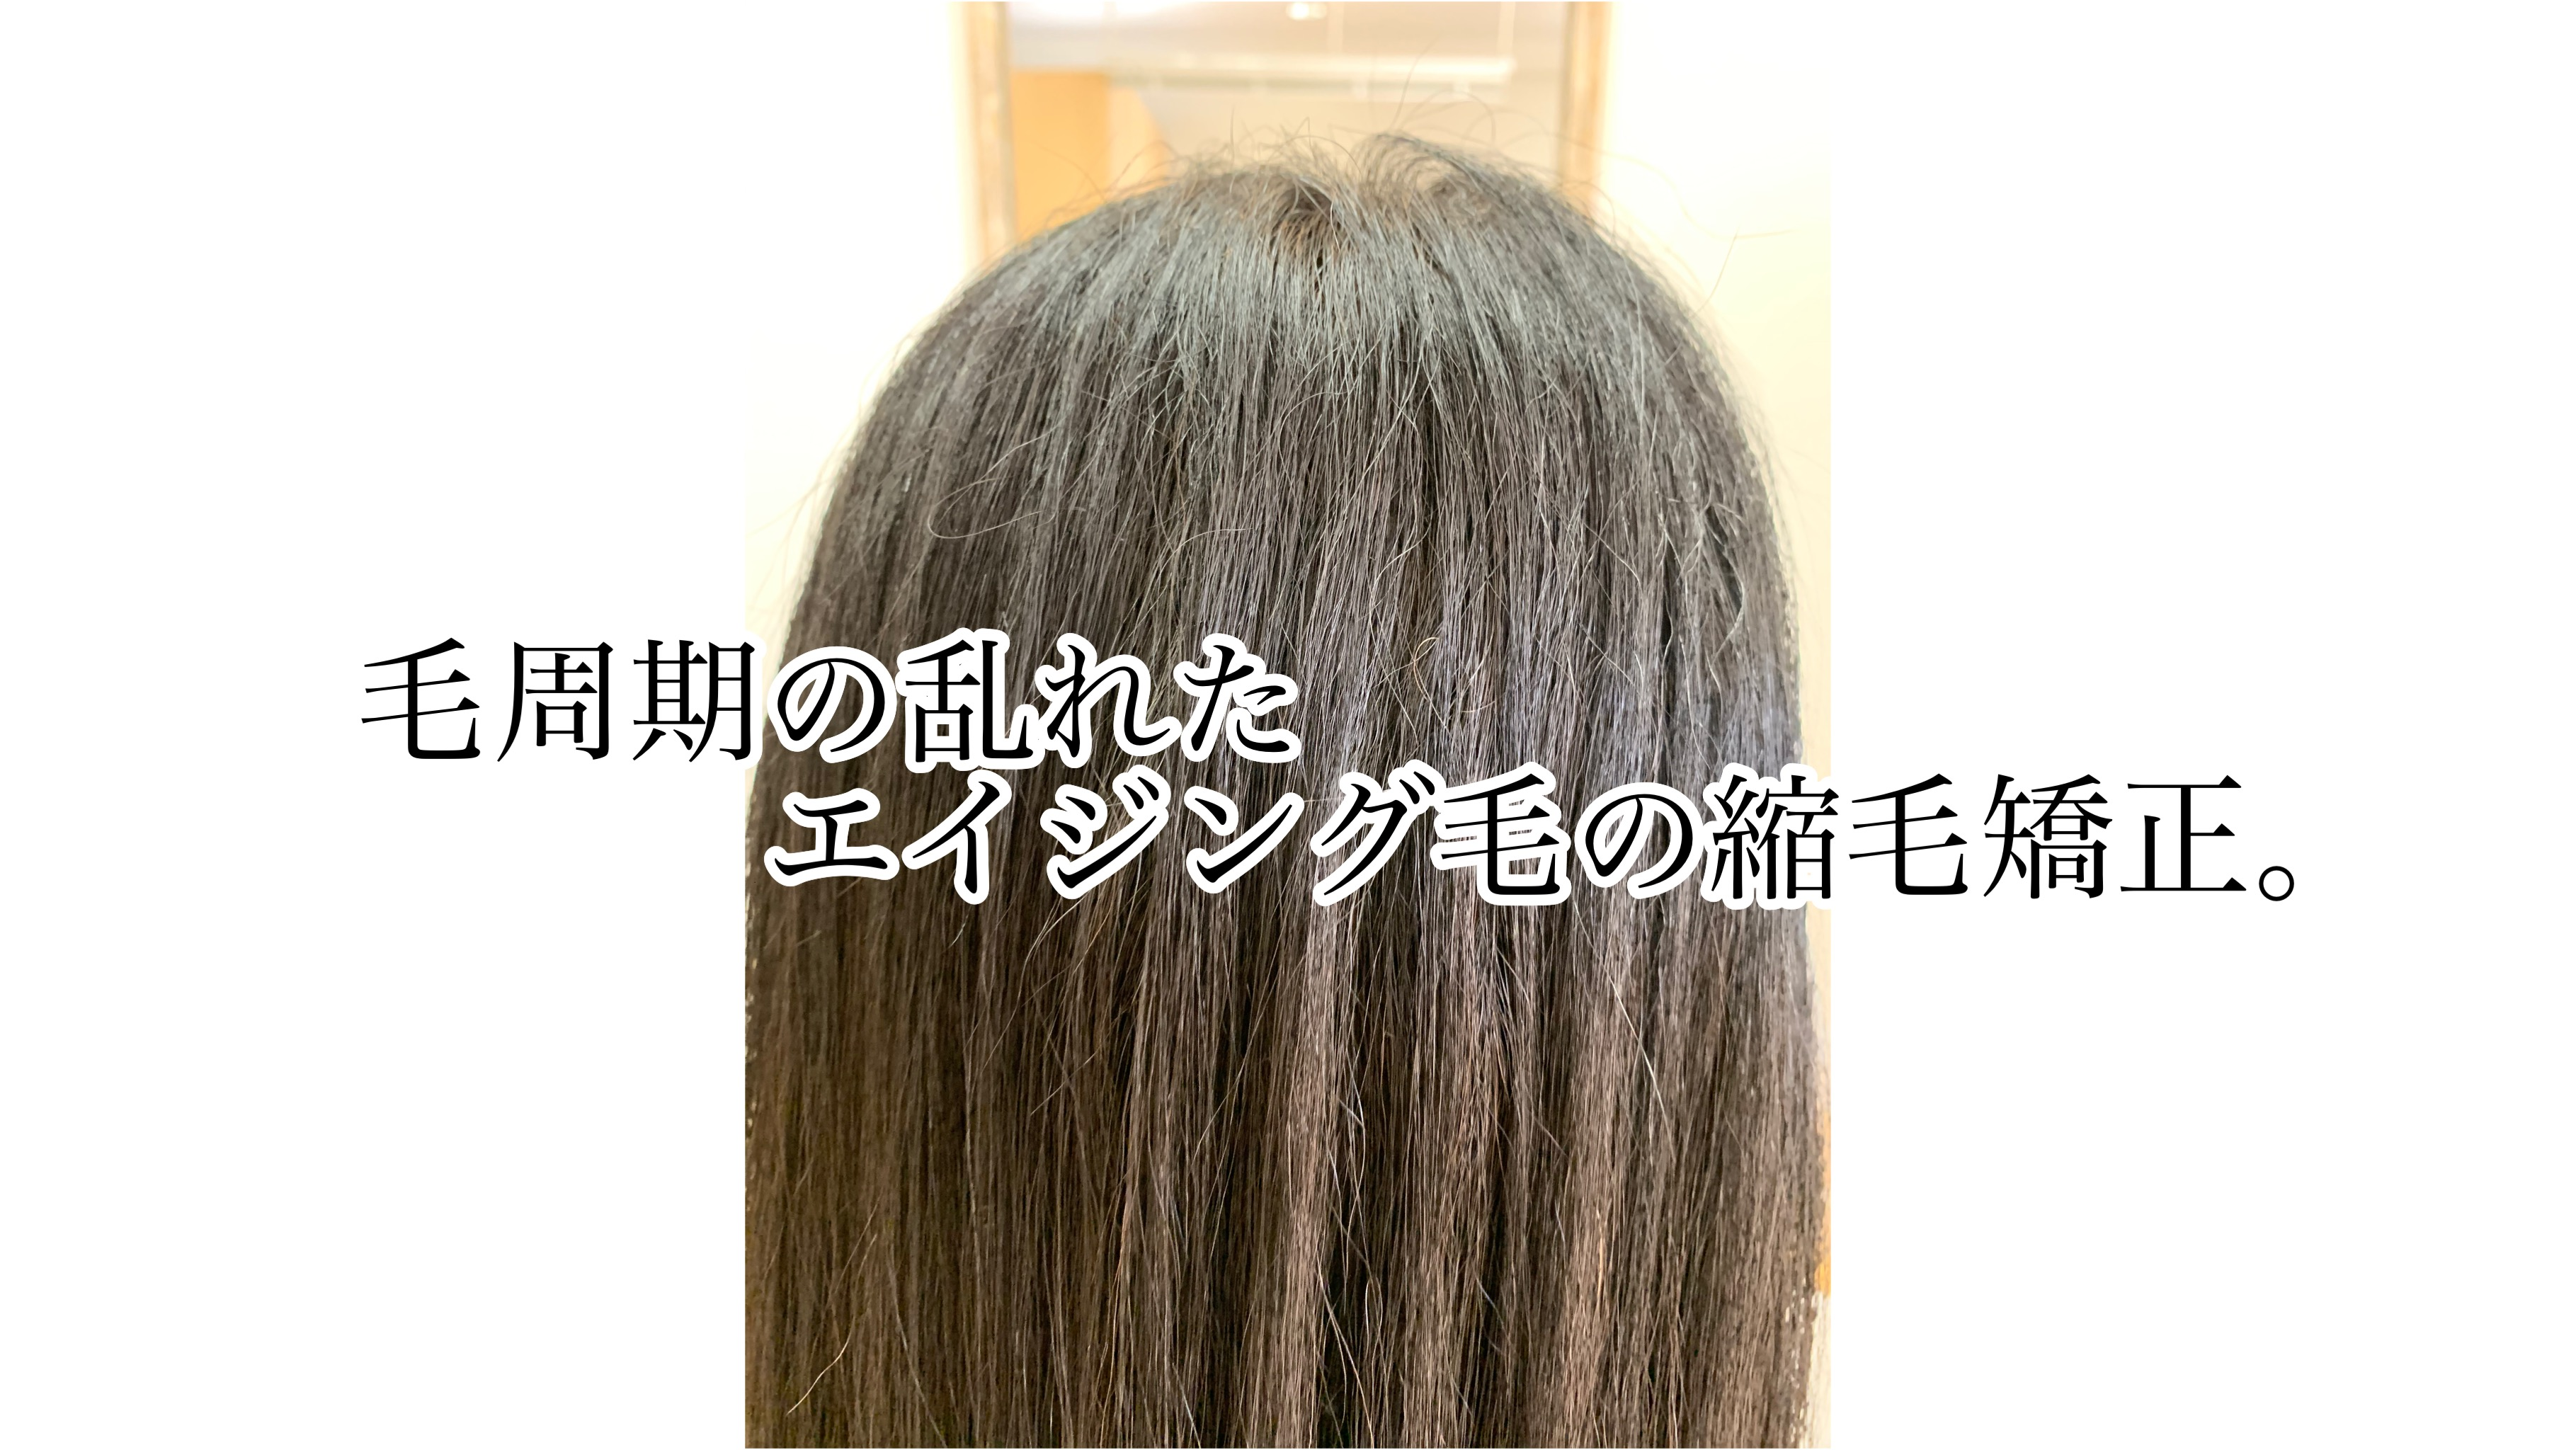 毛周期の乱れたエイジング毛の縮毛矯正。